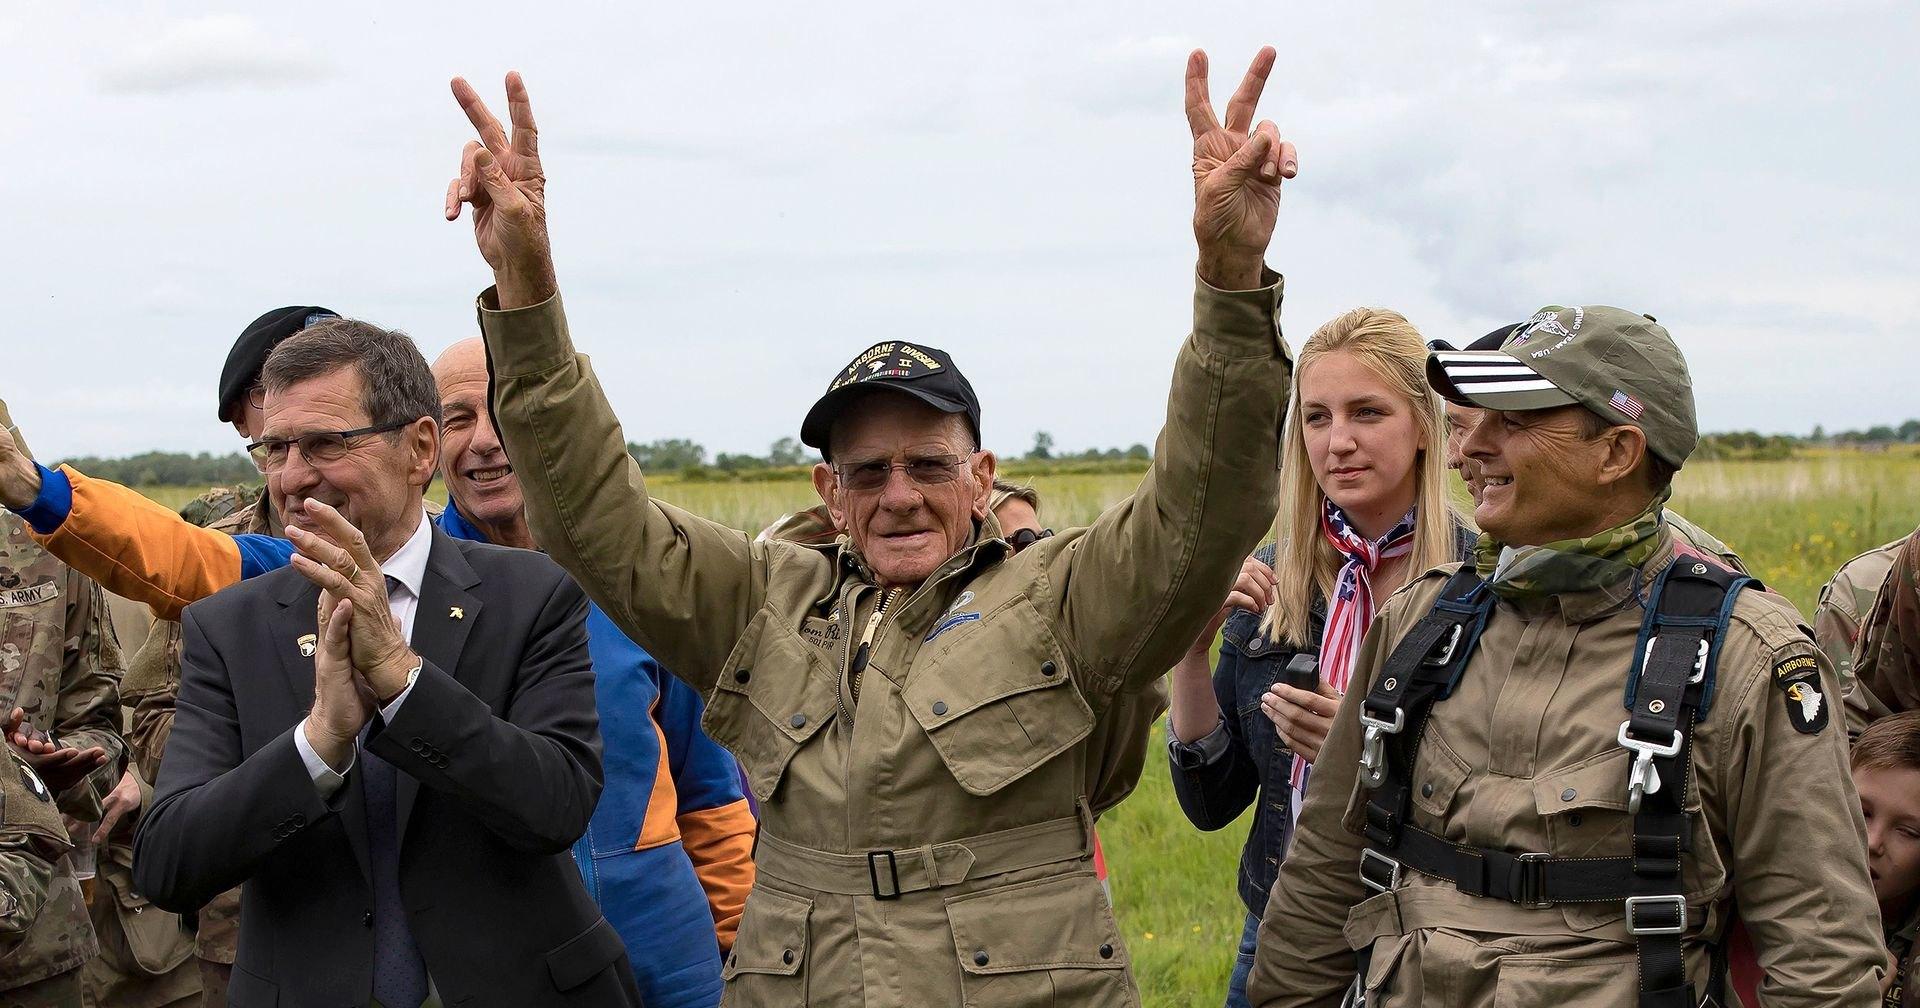 Тряхнул стариной: 97-летний десантник снова высадился в Нормандии